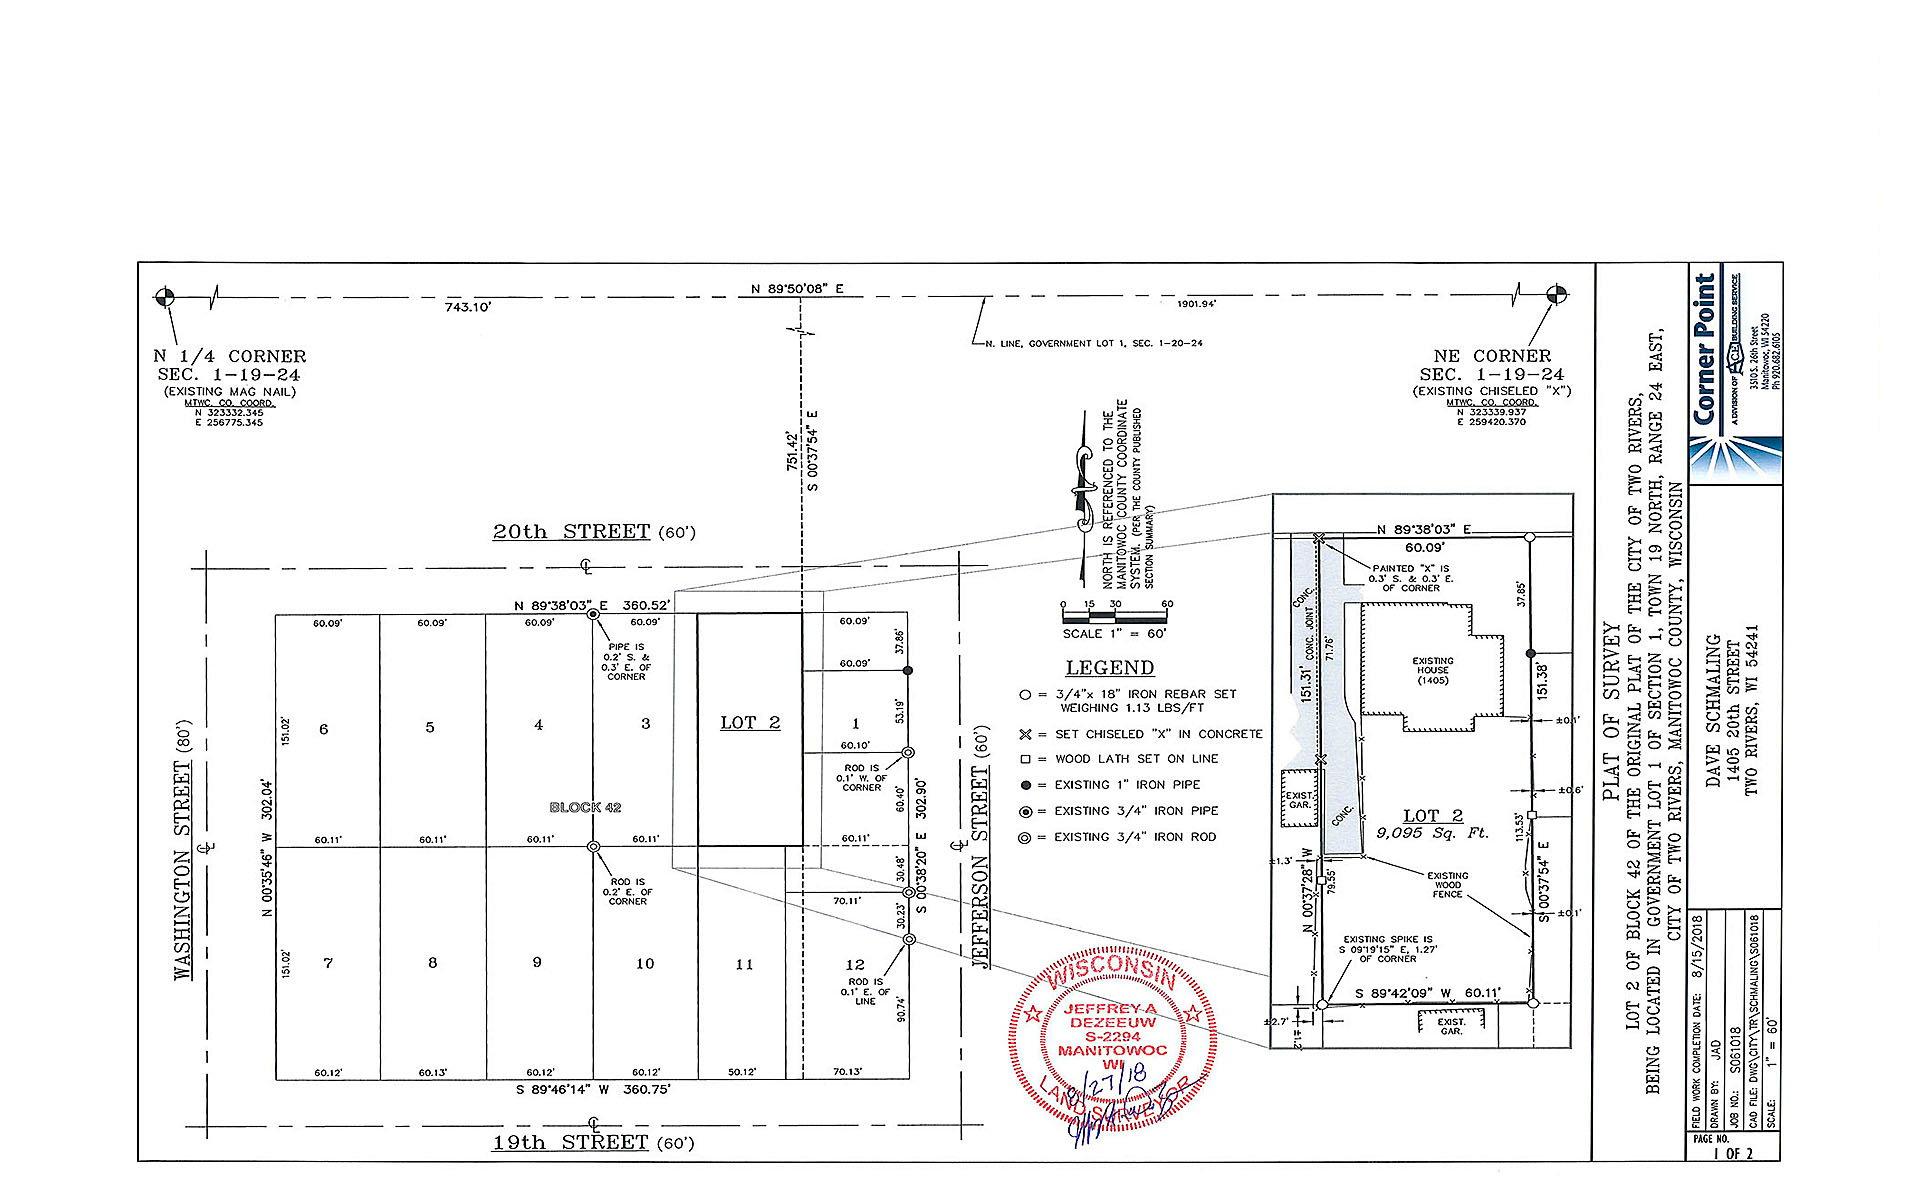 Schmaling Plat of Lot Survey | ACE Building Service